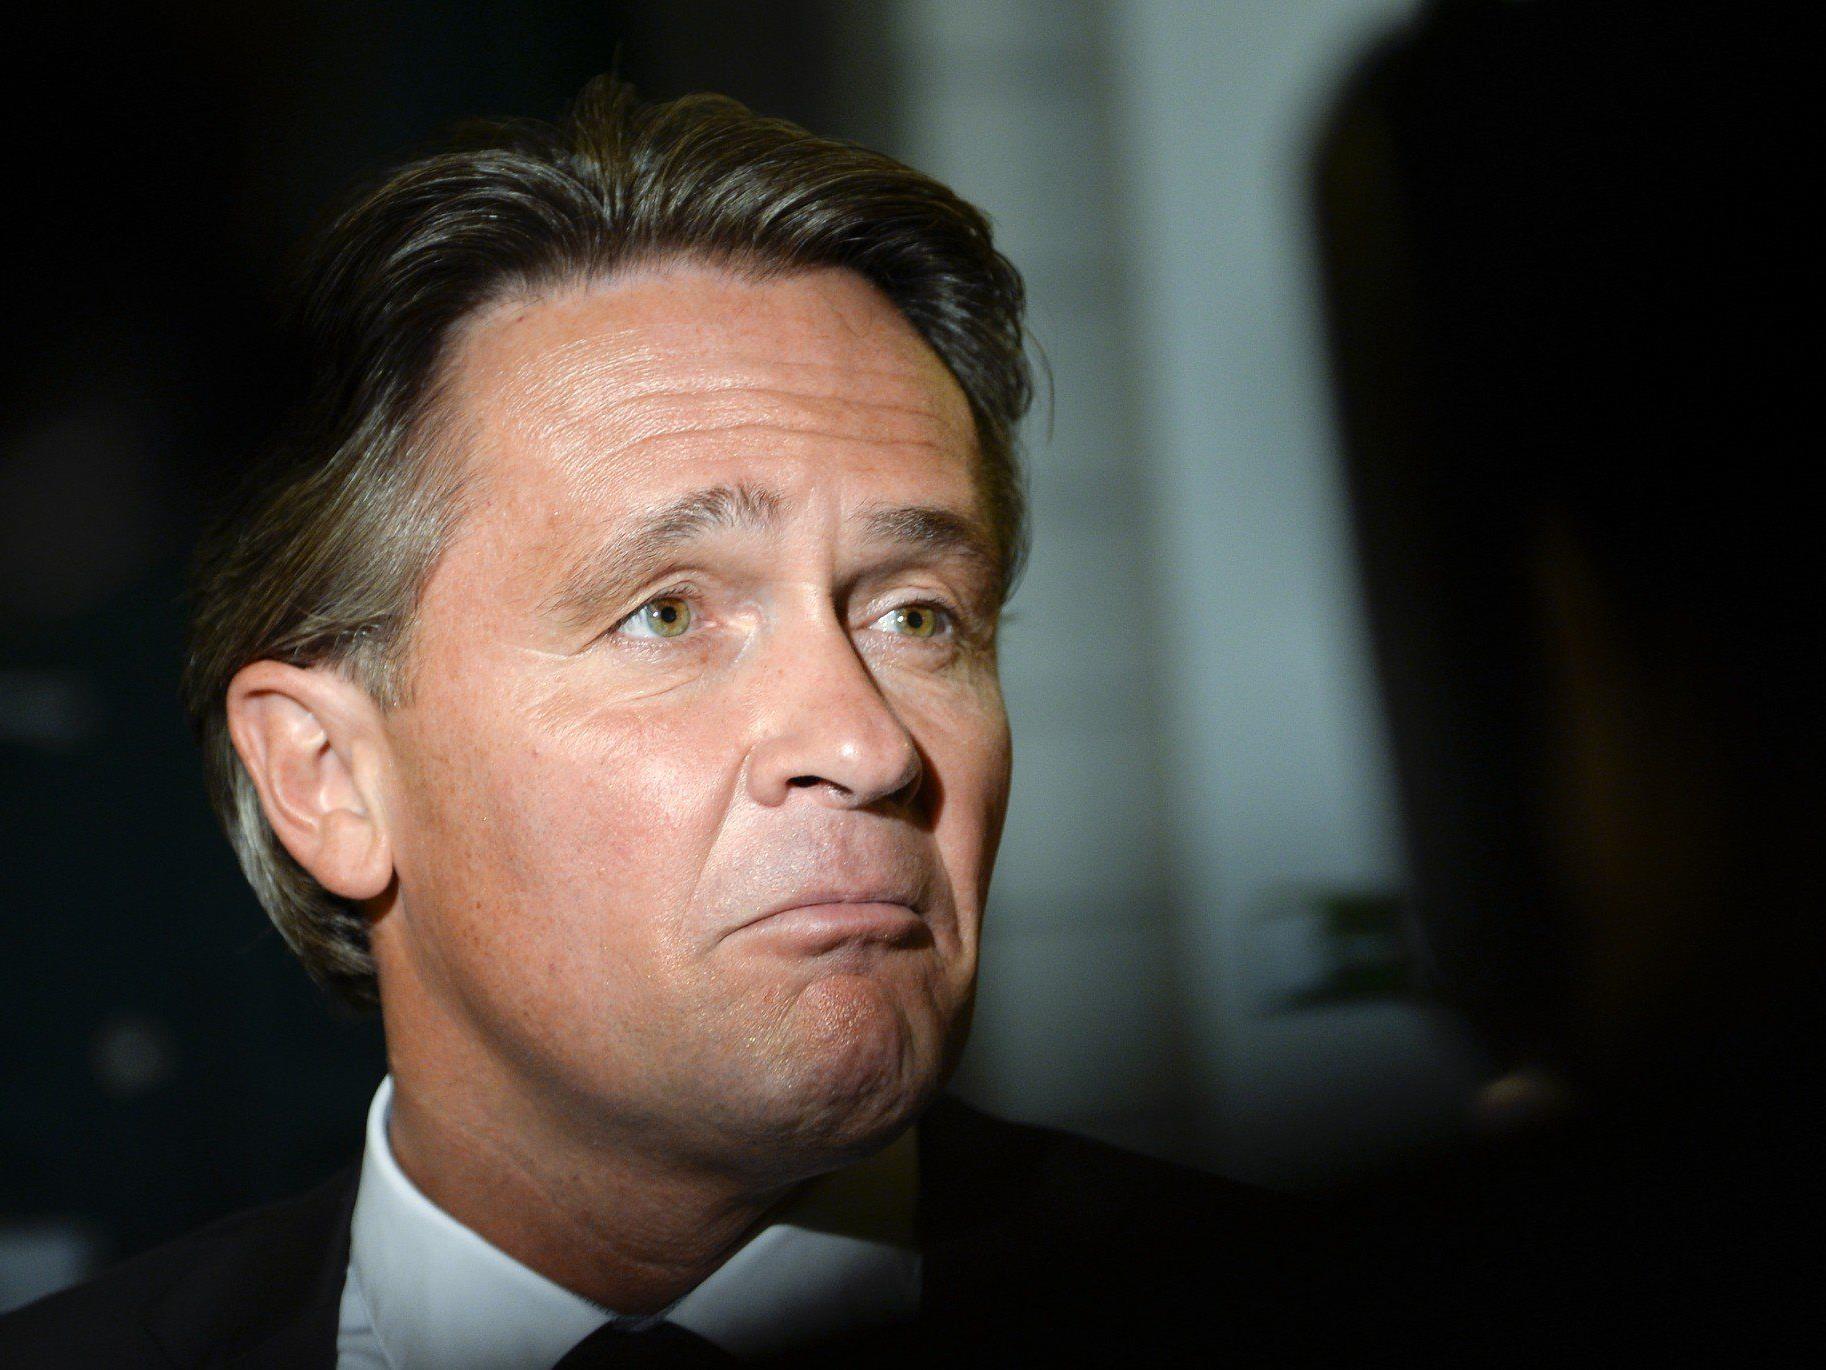 """Ex-BZÖ-Politiker soll laut """"Format"""" Fördermillion missbräuchlich verwendet haben -Westenthaler bestreitet Vorwürfe"""